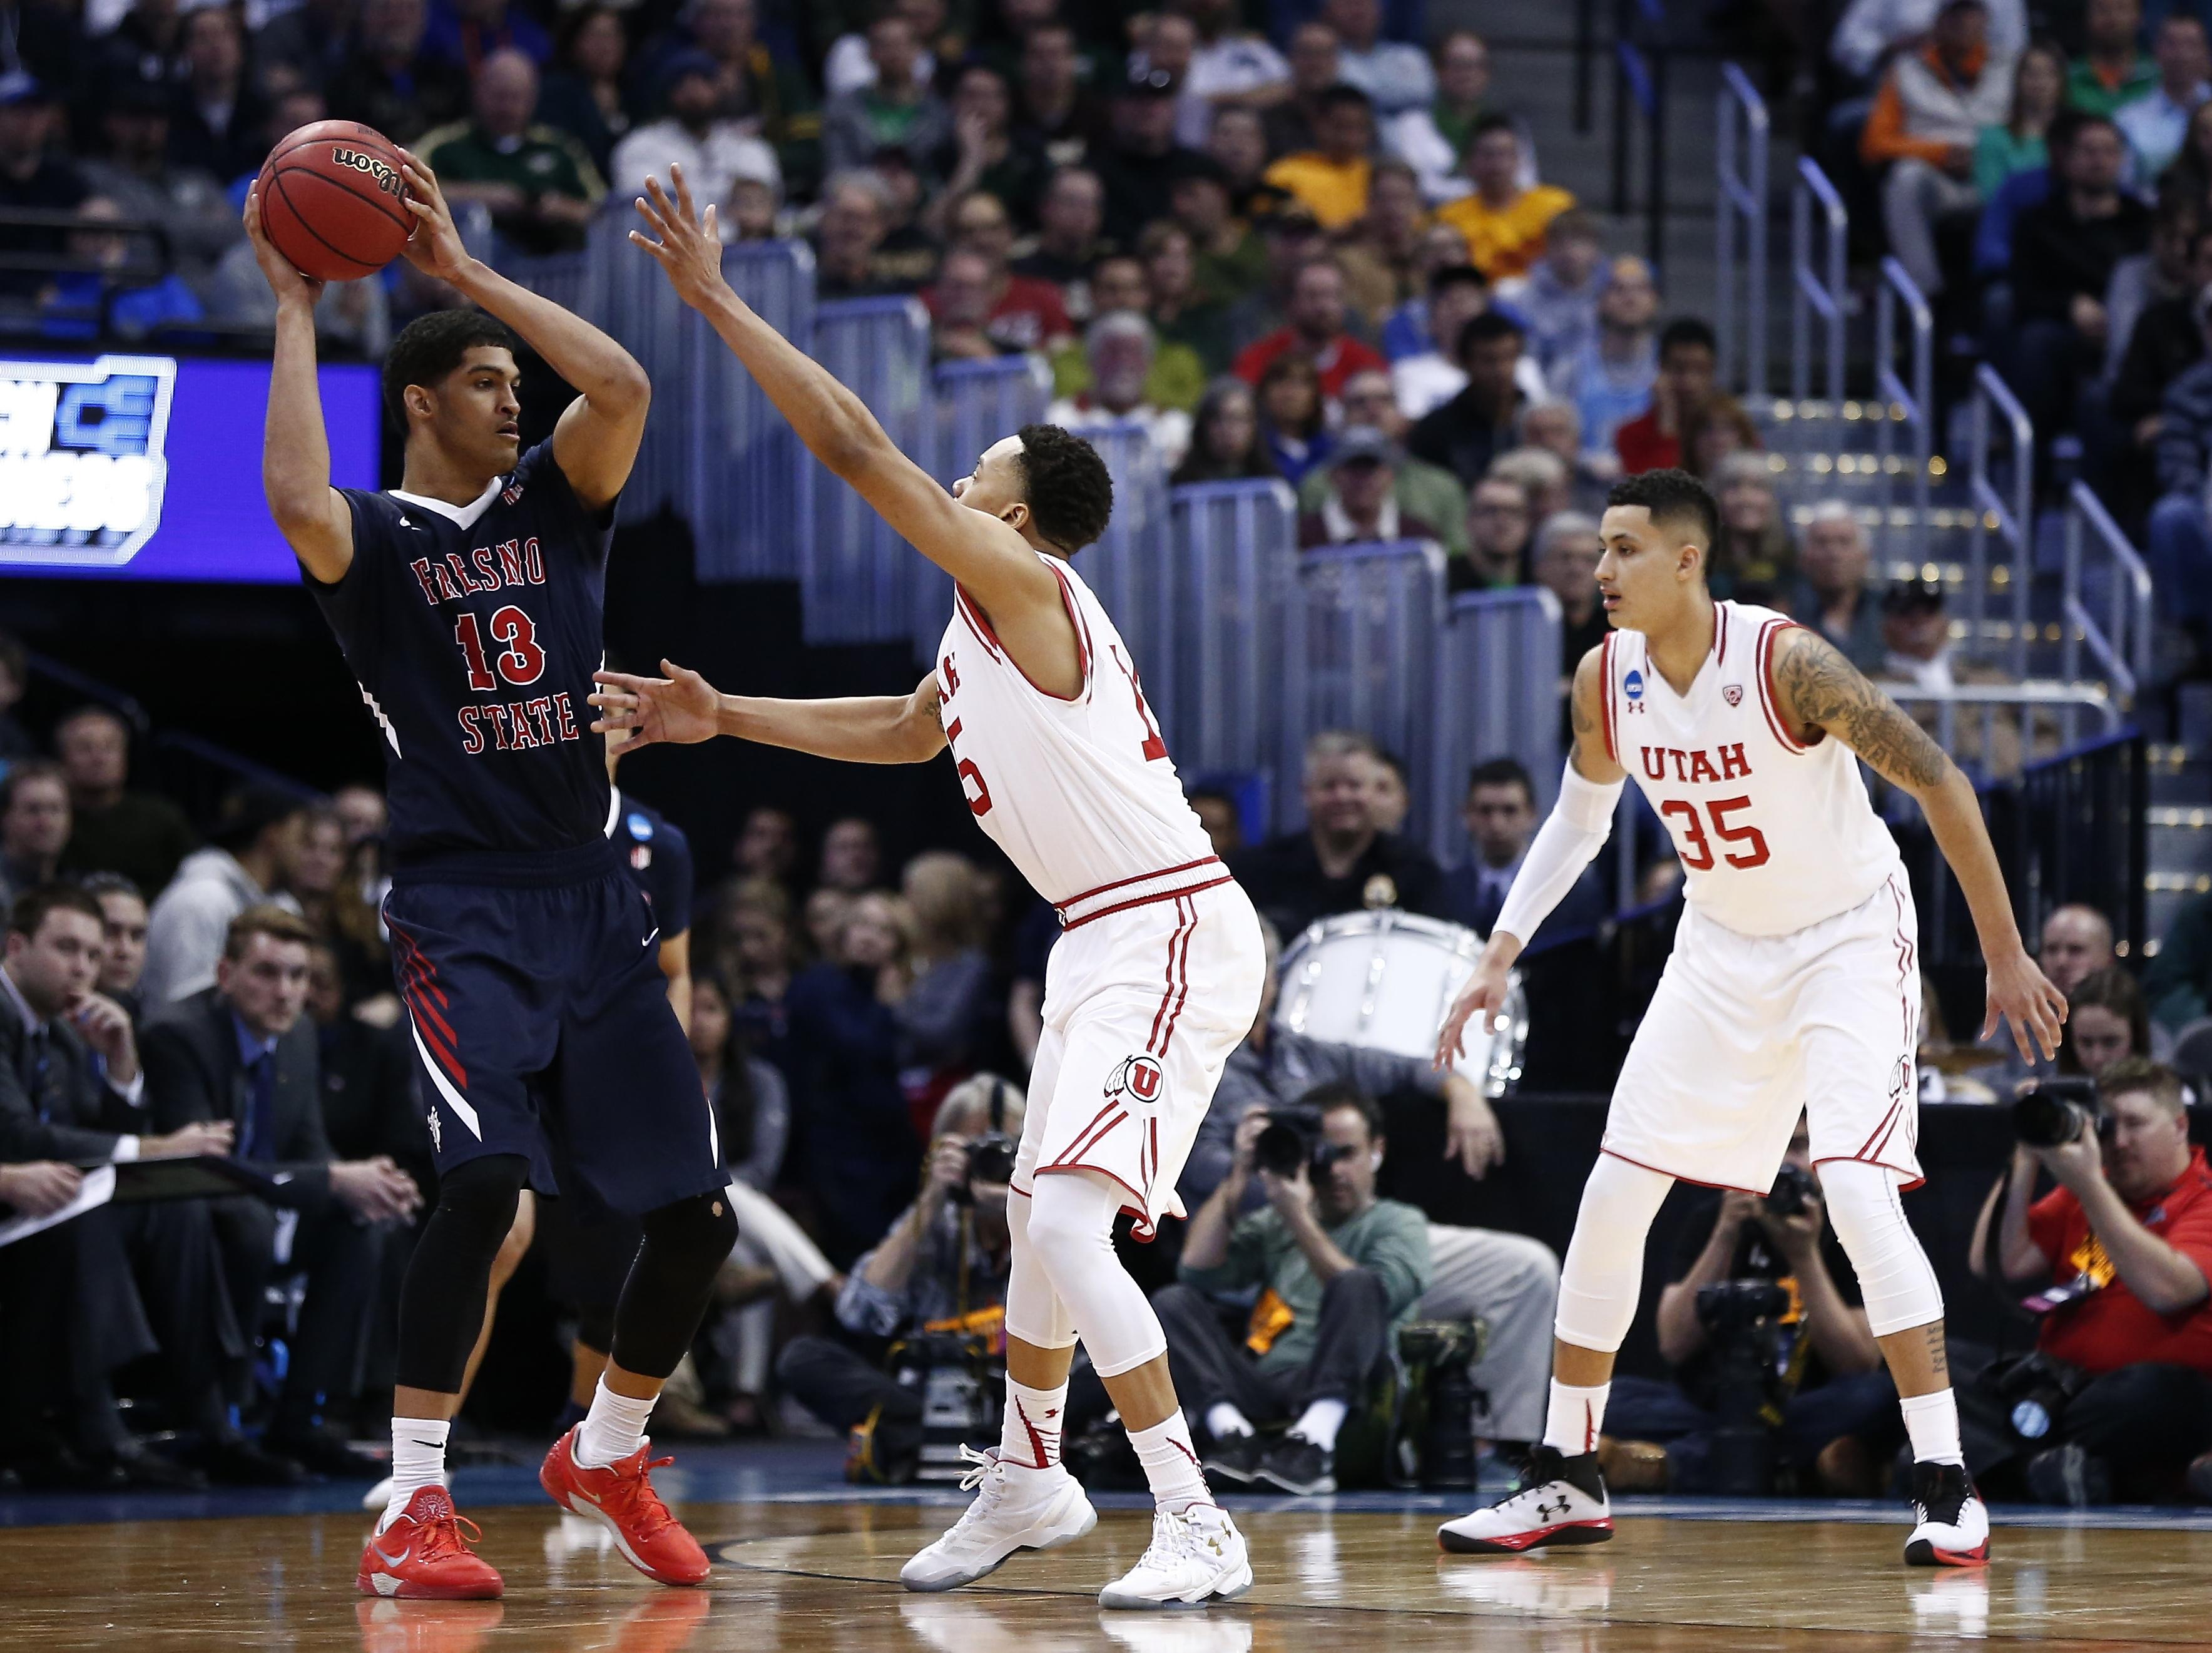 NCAA Basketball: NCAA Tournament-Utah vs Fresno State